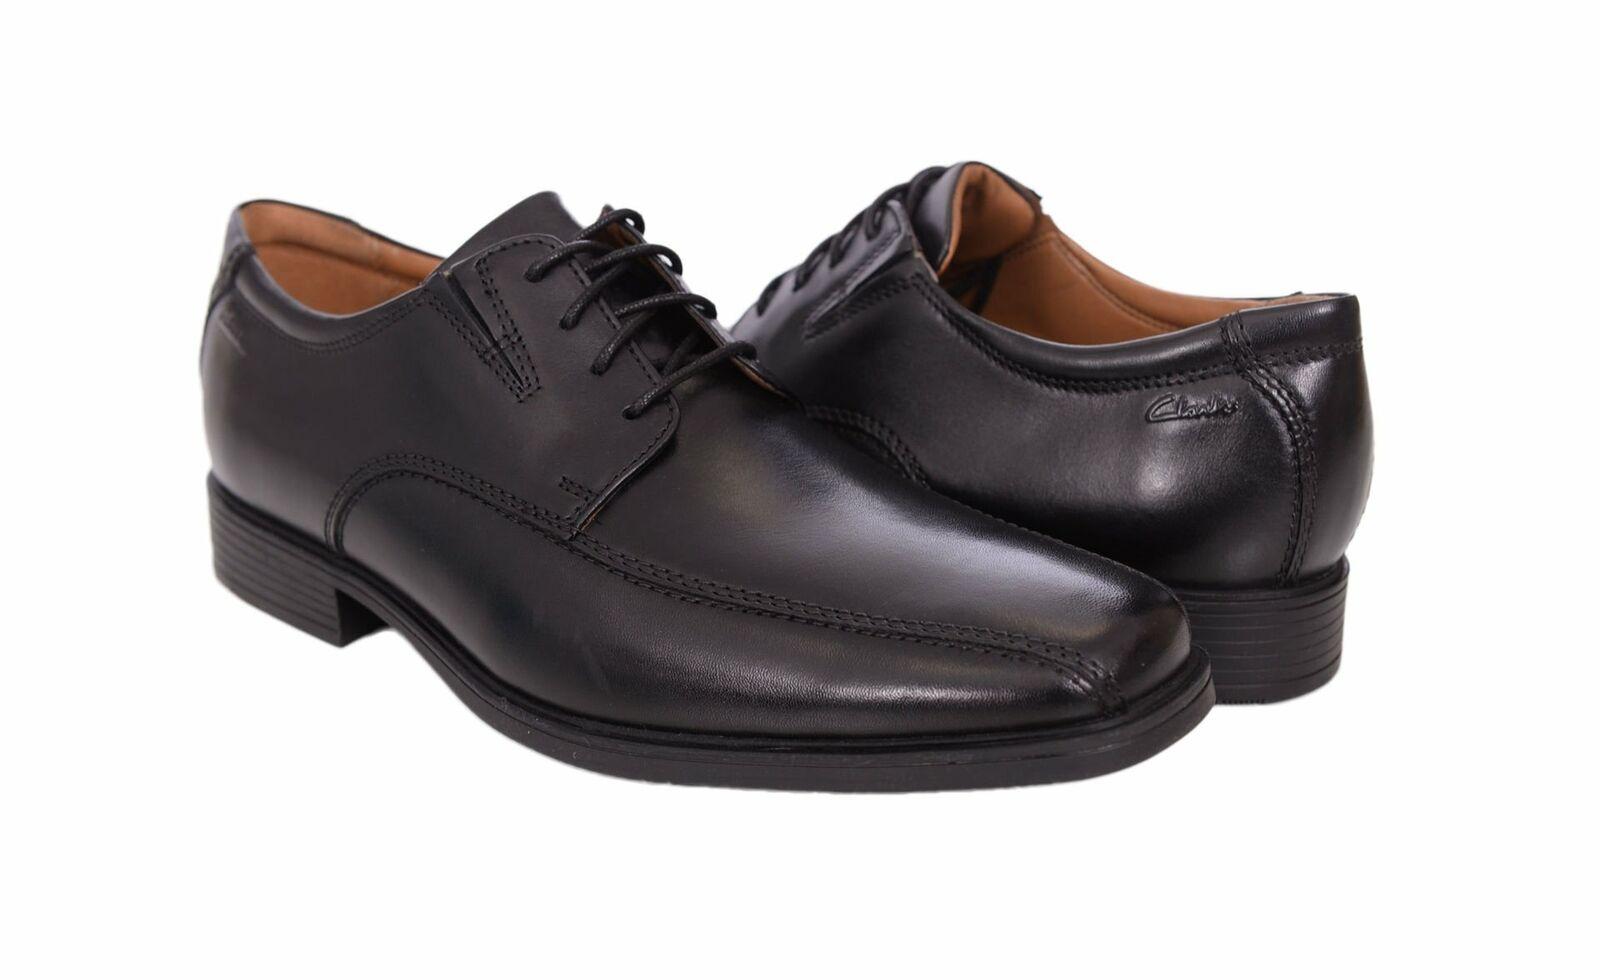 Clarks Tilden Walk Hommes Noir Vélo Toe en cuir chaussures